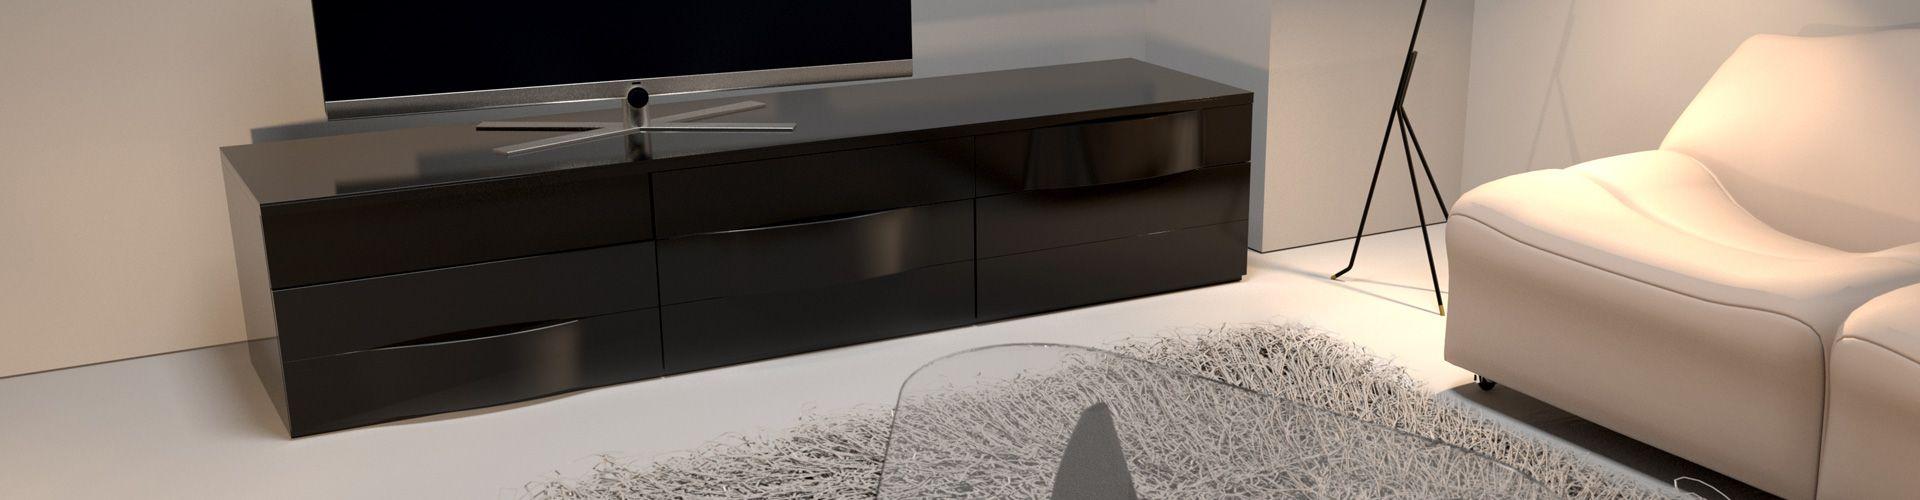 Meuble Tv Hifi Intégré meubles et supports tv découvrez notre sélection au meilleur